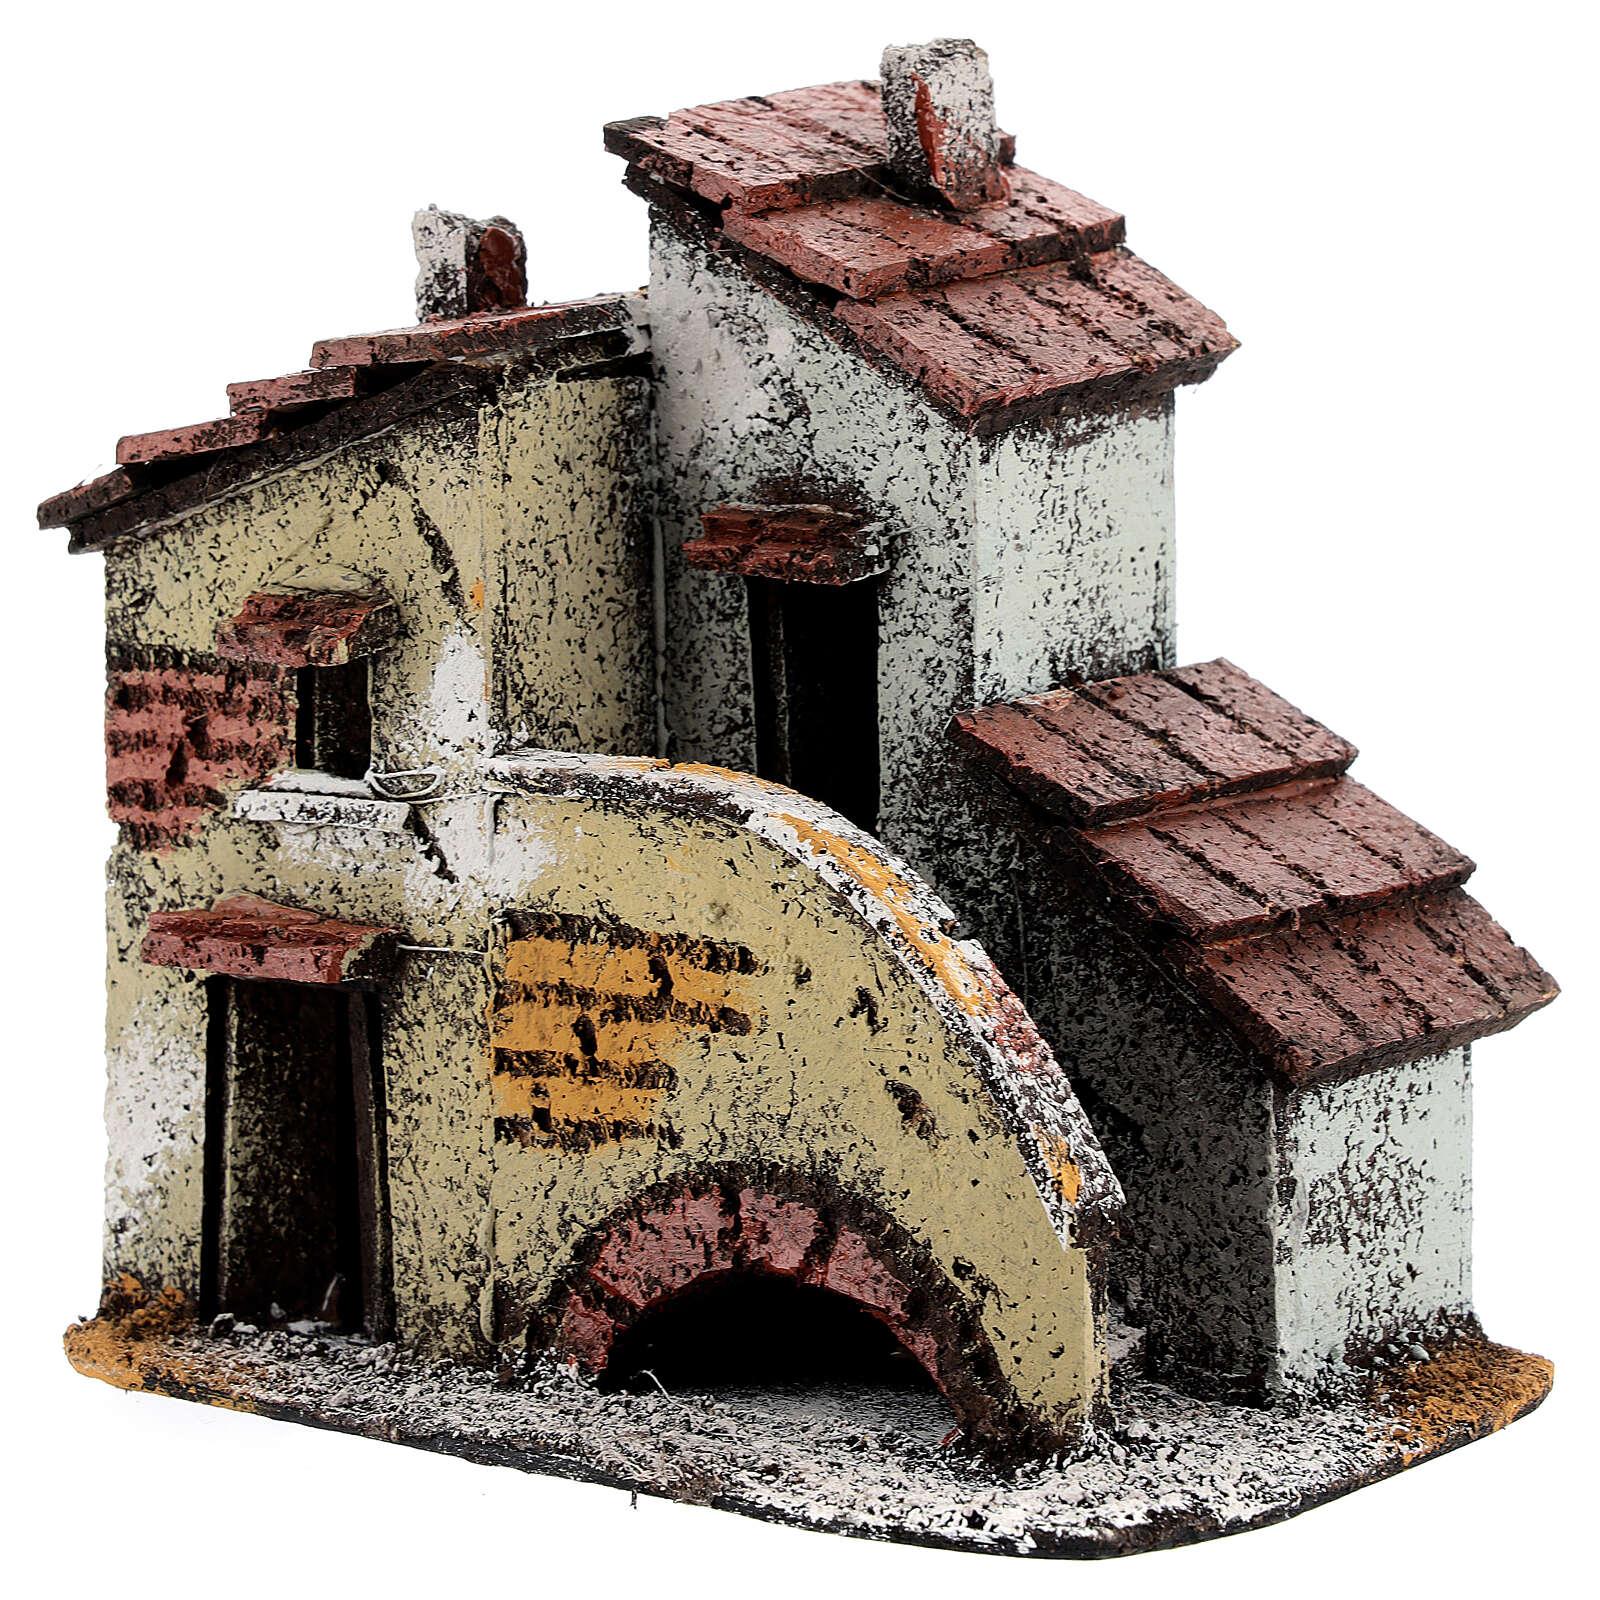 Casa em miniatura escada, telhado e chaminés para presépio napolitano com figuras altura média 3 cm, medidas: 13,5x14x9 cm 4